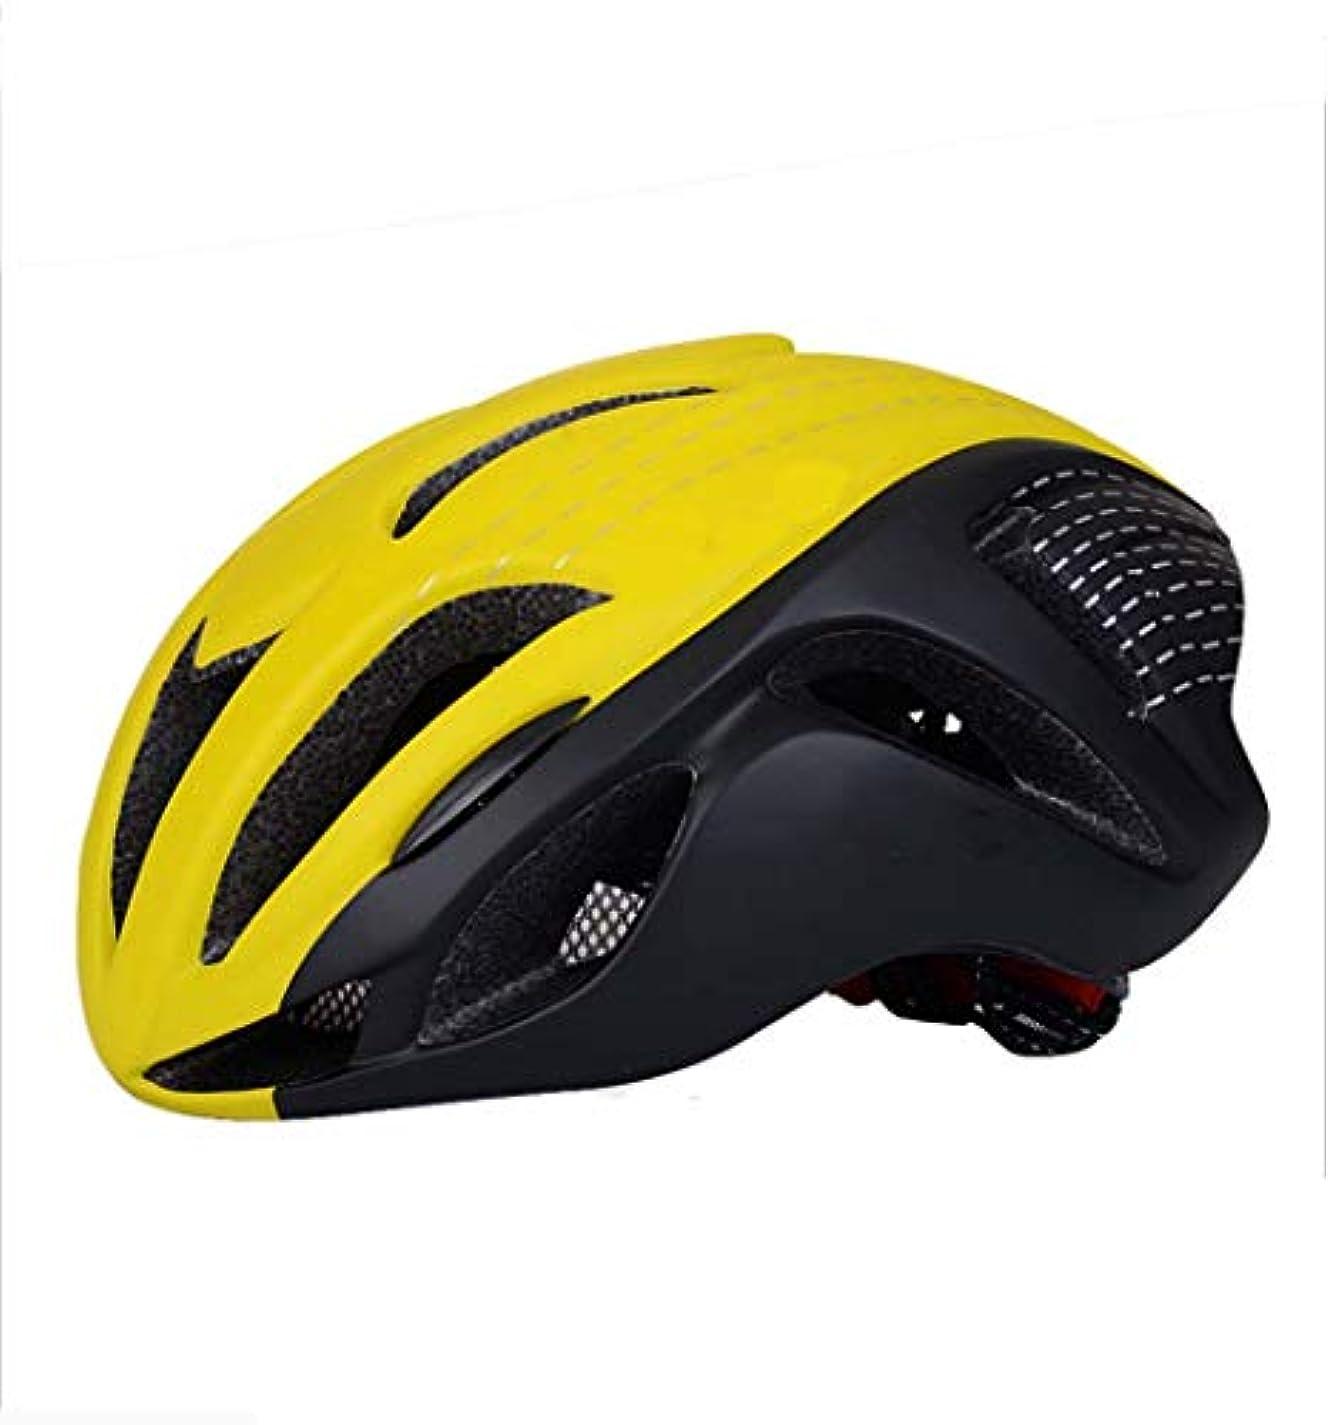 熱望する大気海峡ひも自転車ヘルメット, 軽量ライディングヘルメット PC 屋外サイクリングヘルメット調整しやすいユニセックス大人スポーツヘルメット